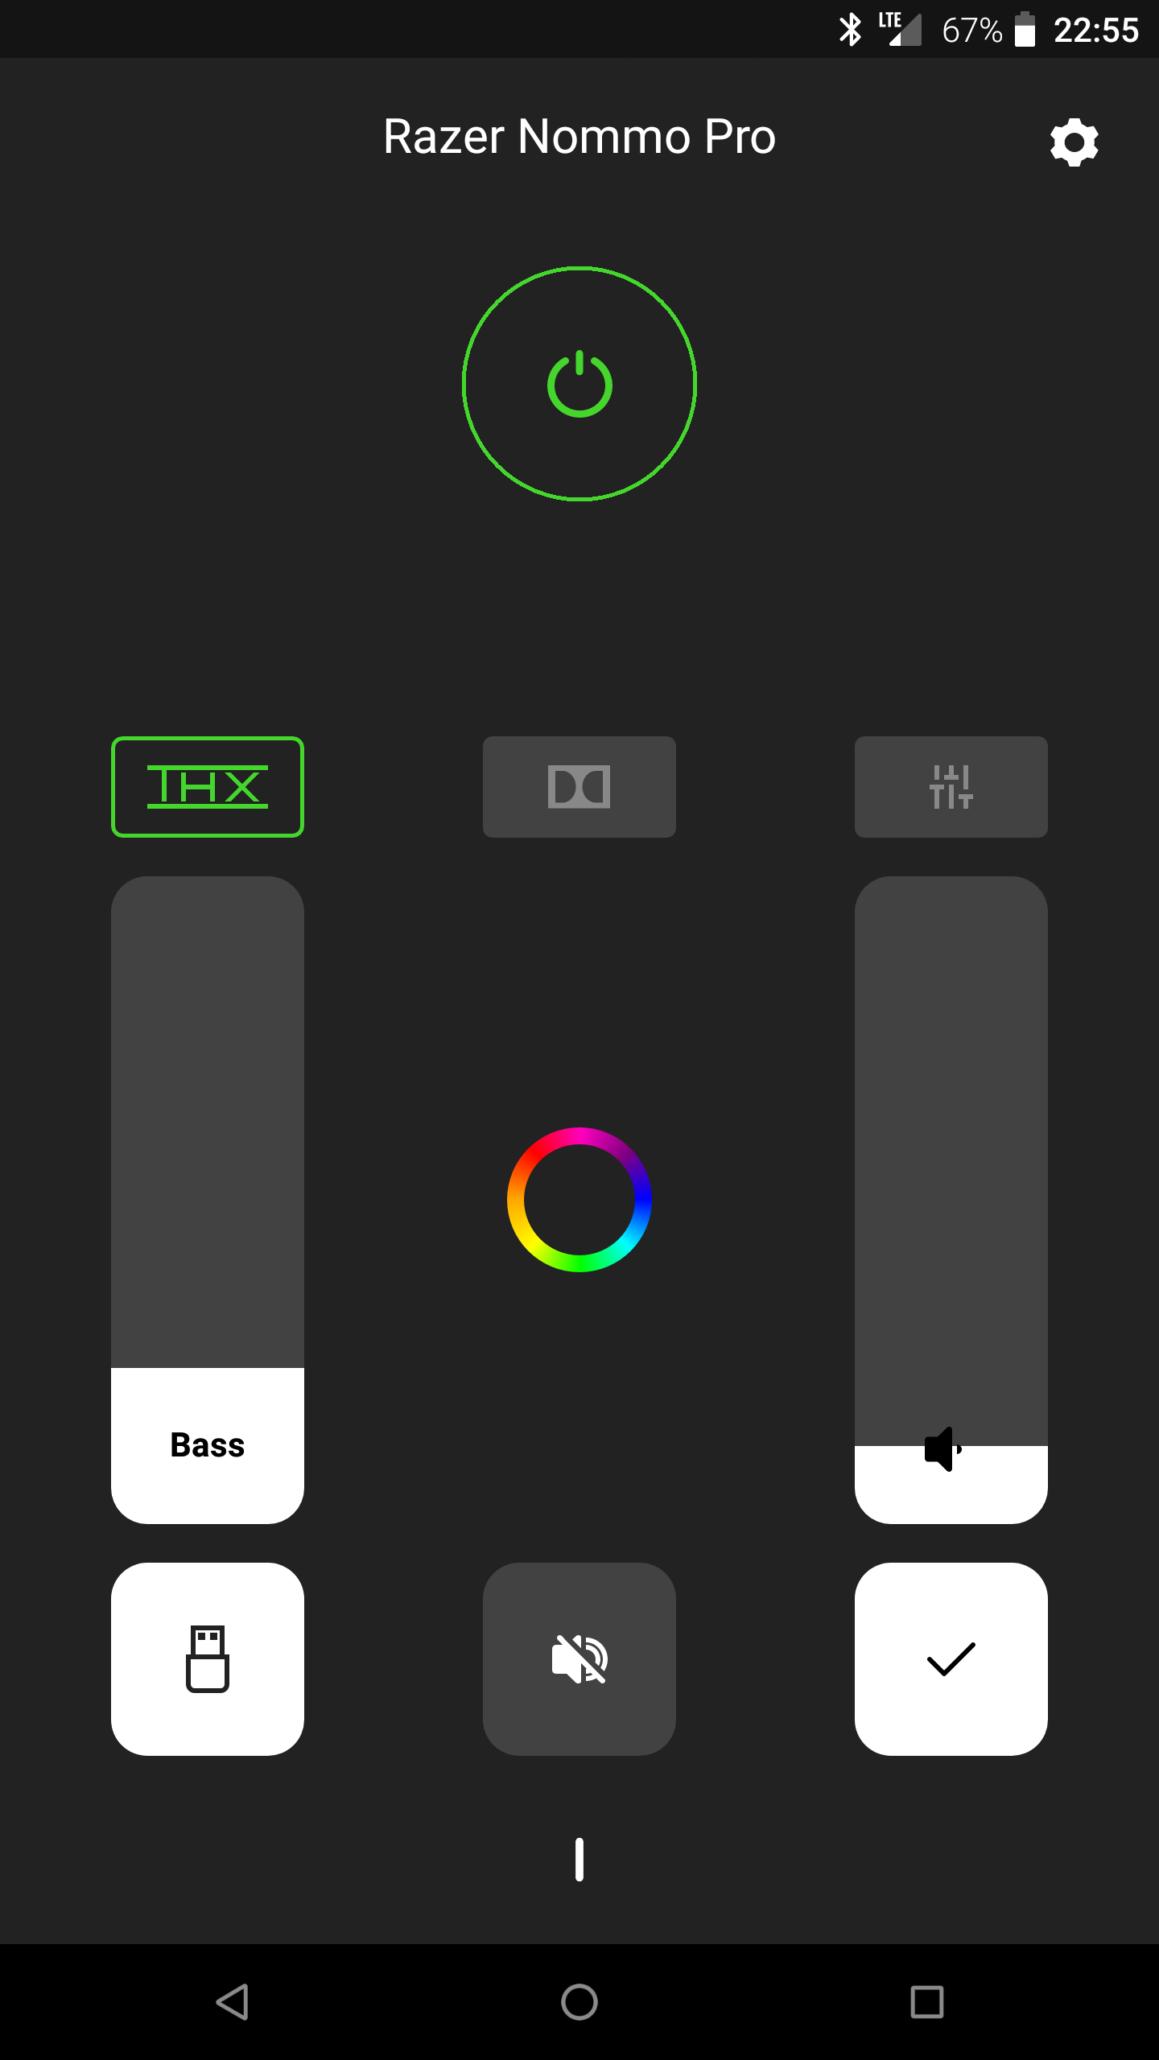 razer-nommo-pro-app